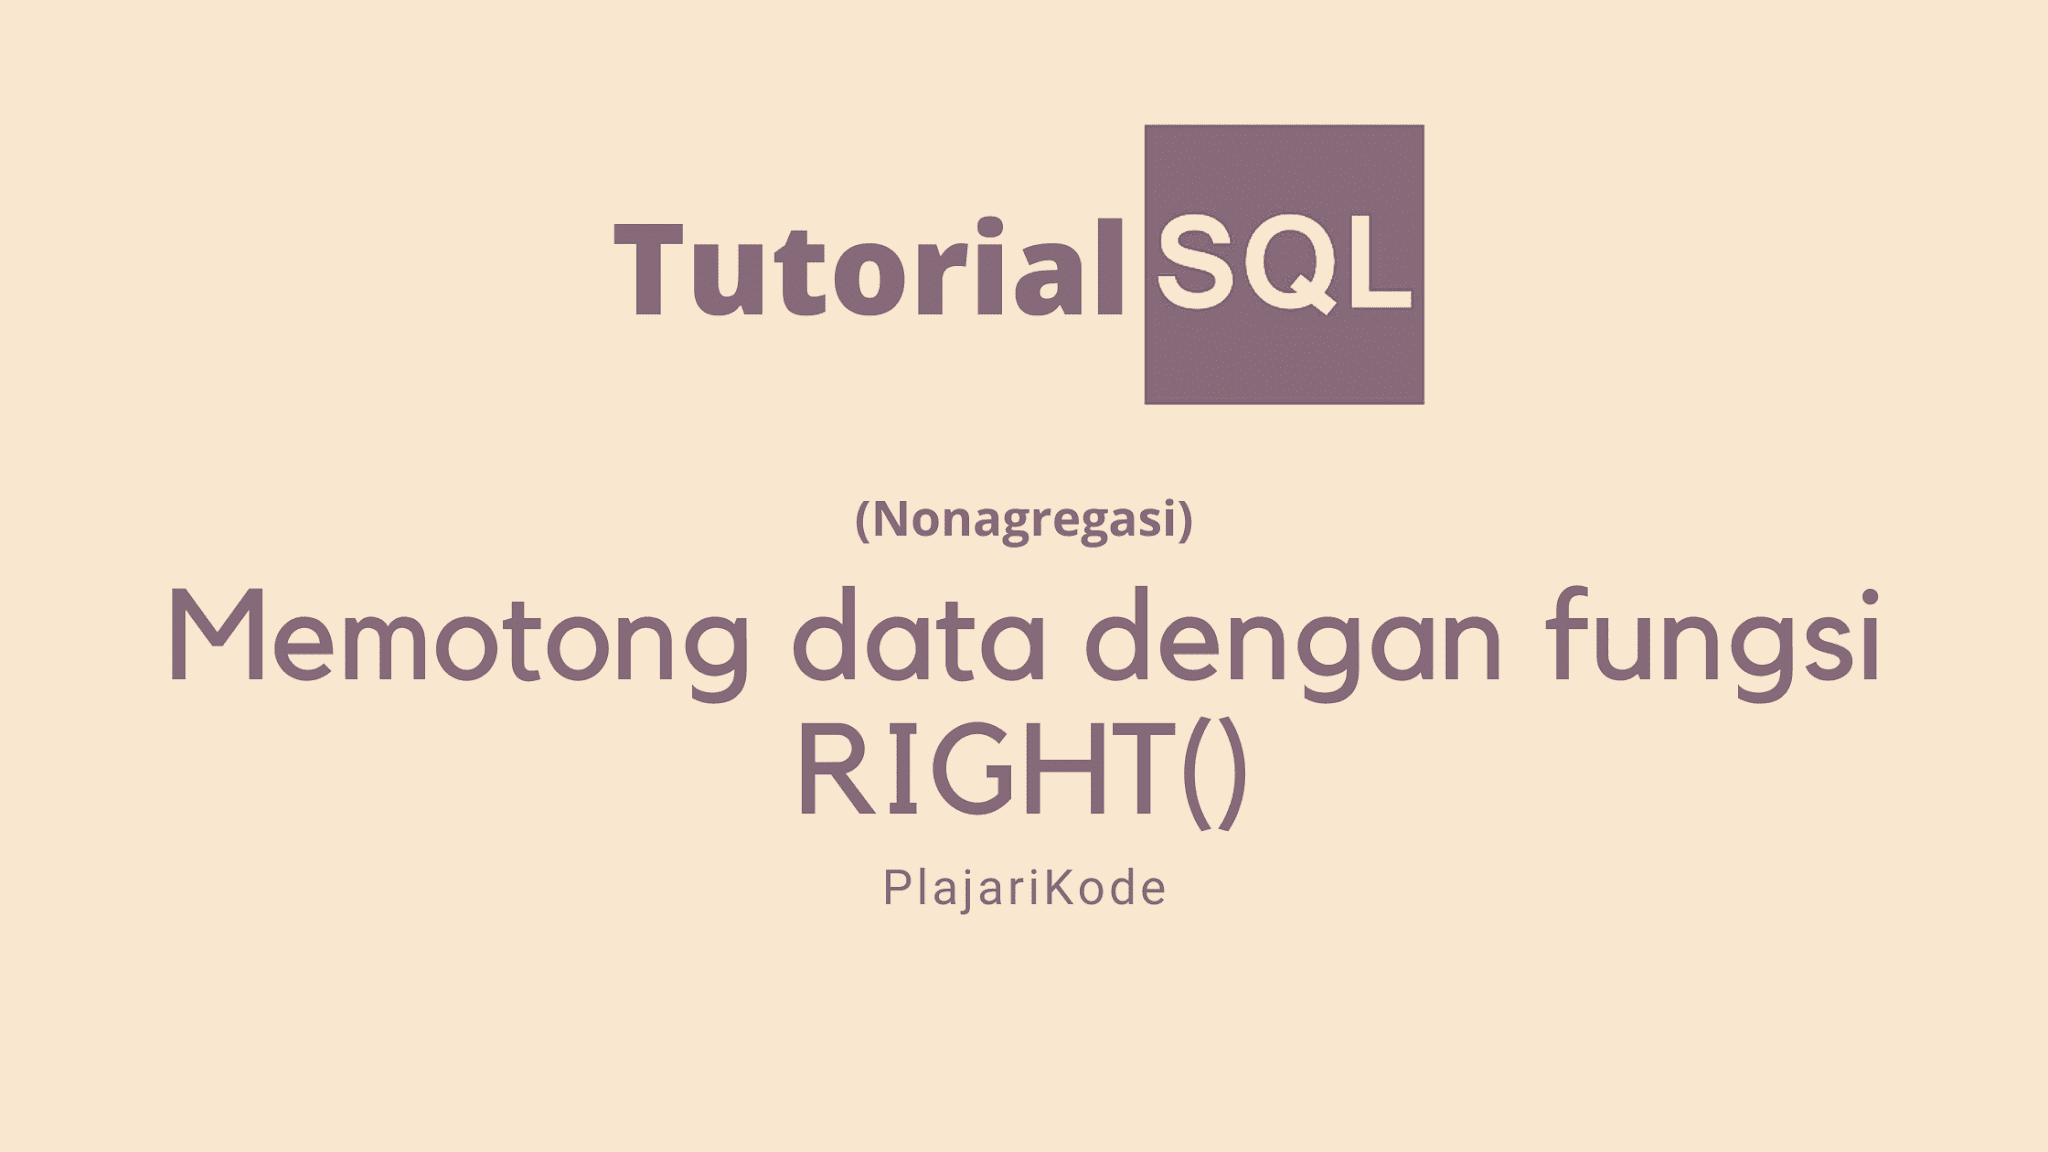 PlajariKode - Menggunakan fungsi RIGHT() pada SQL